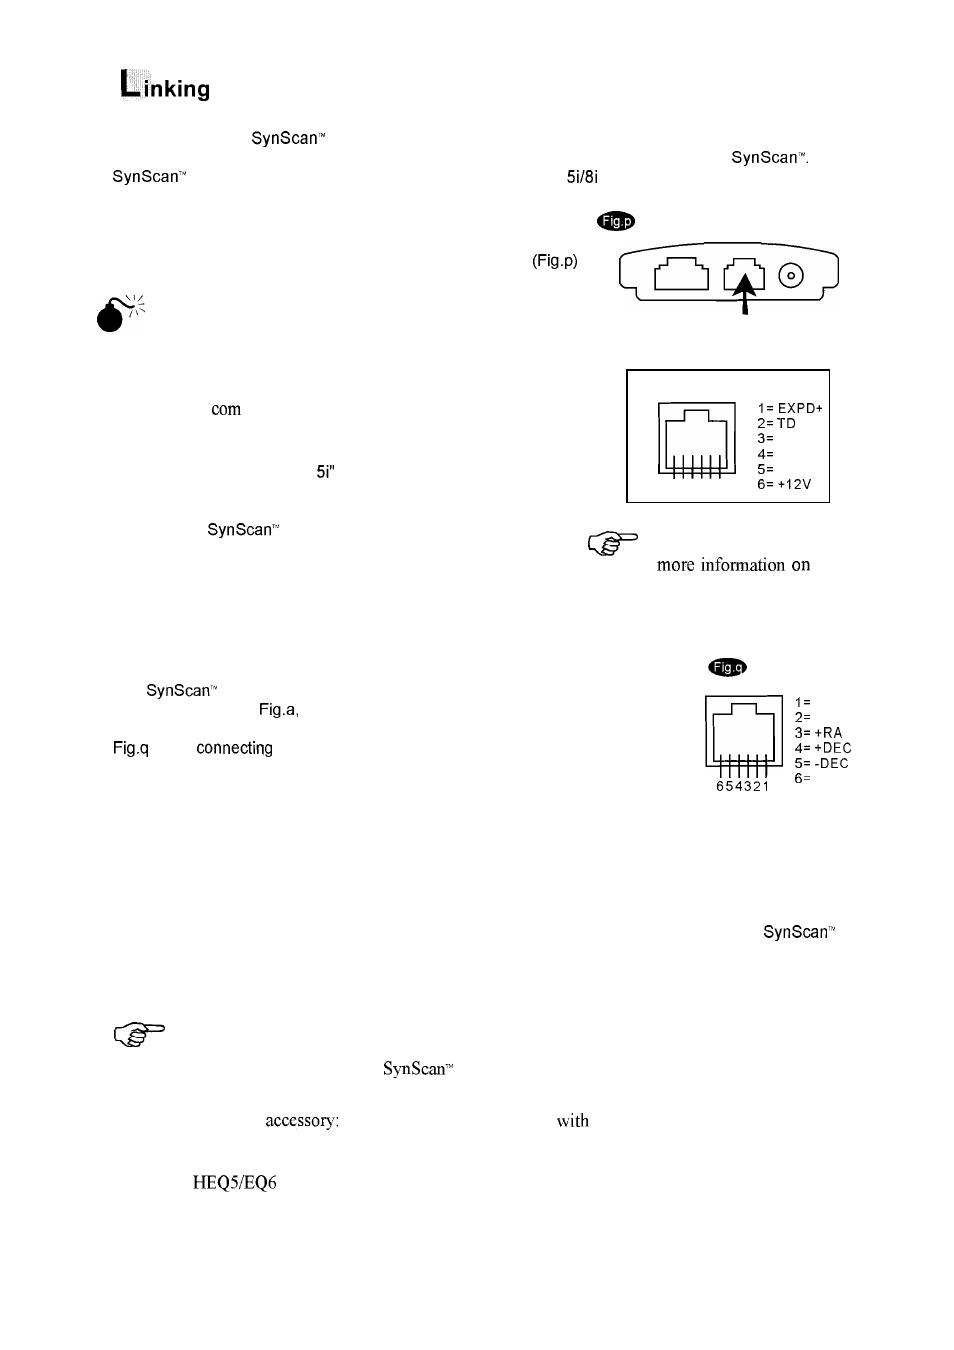 With a computer, Periodic error correction | Nexstar SynScan